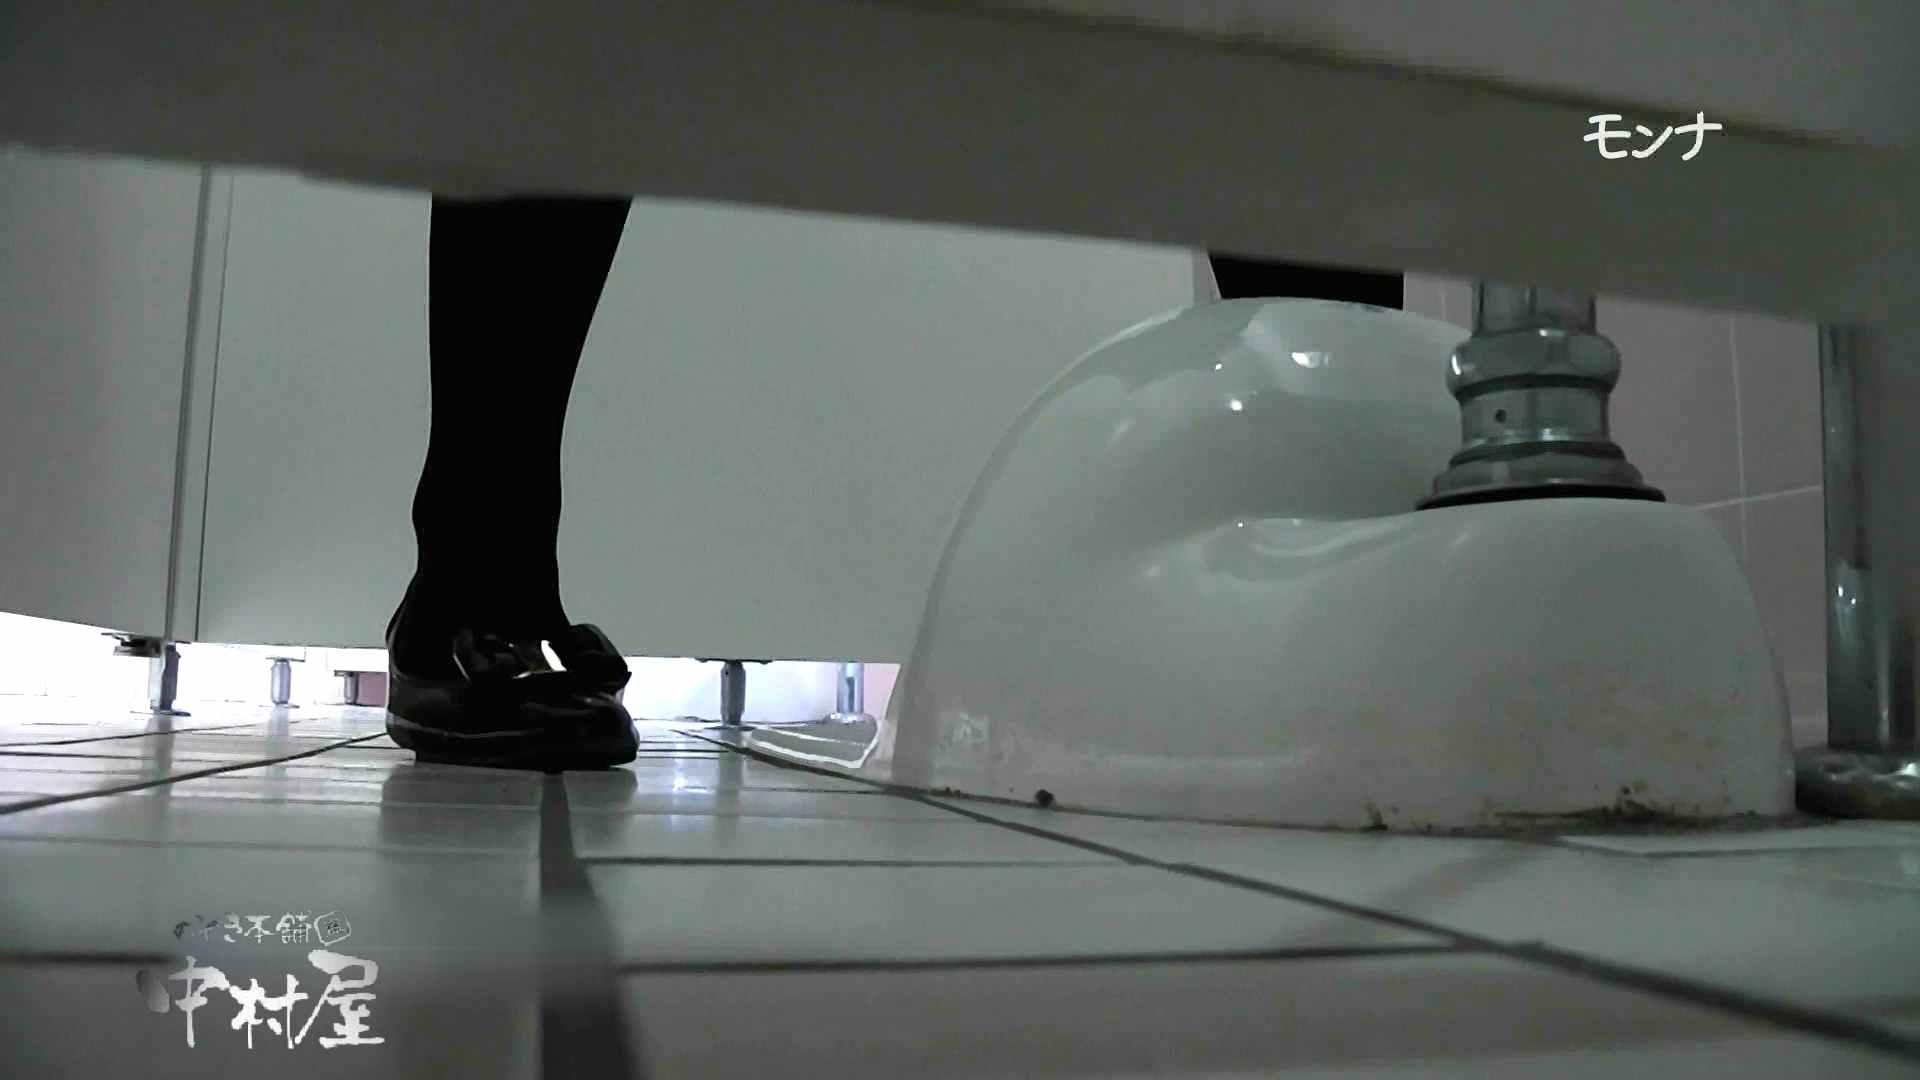 【美しい日本の未来】遂に!!戸田恵梨香似の予告モデル登場ダッシュで「大」後編 おまんこ見放題  101PIX 50